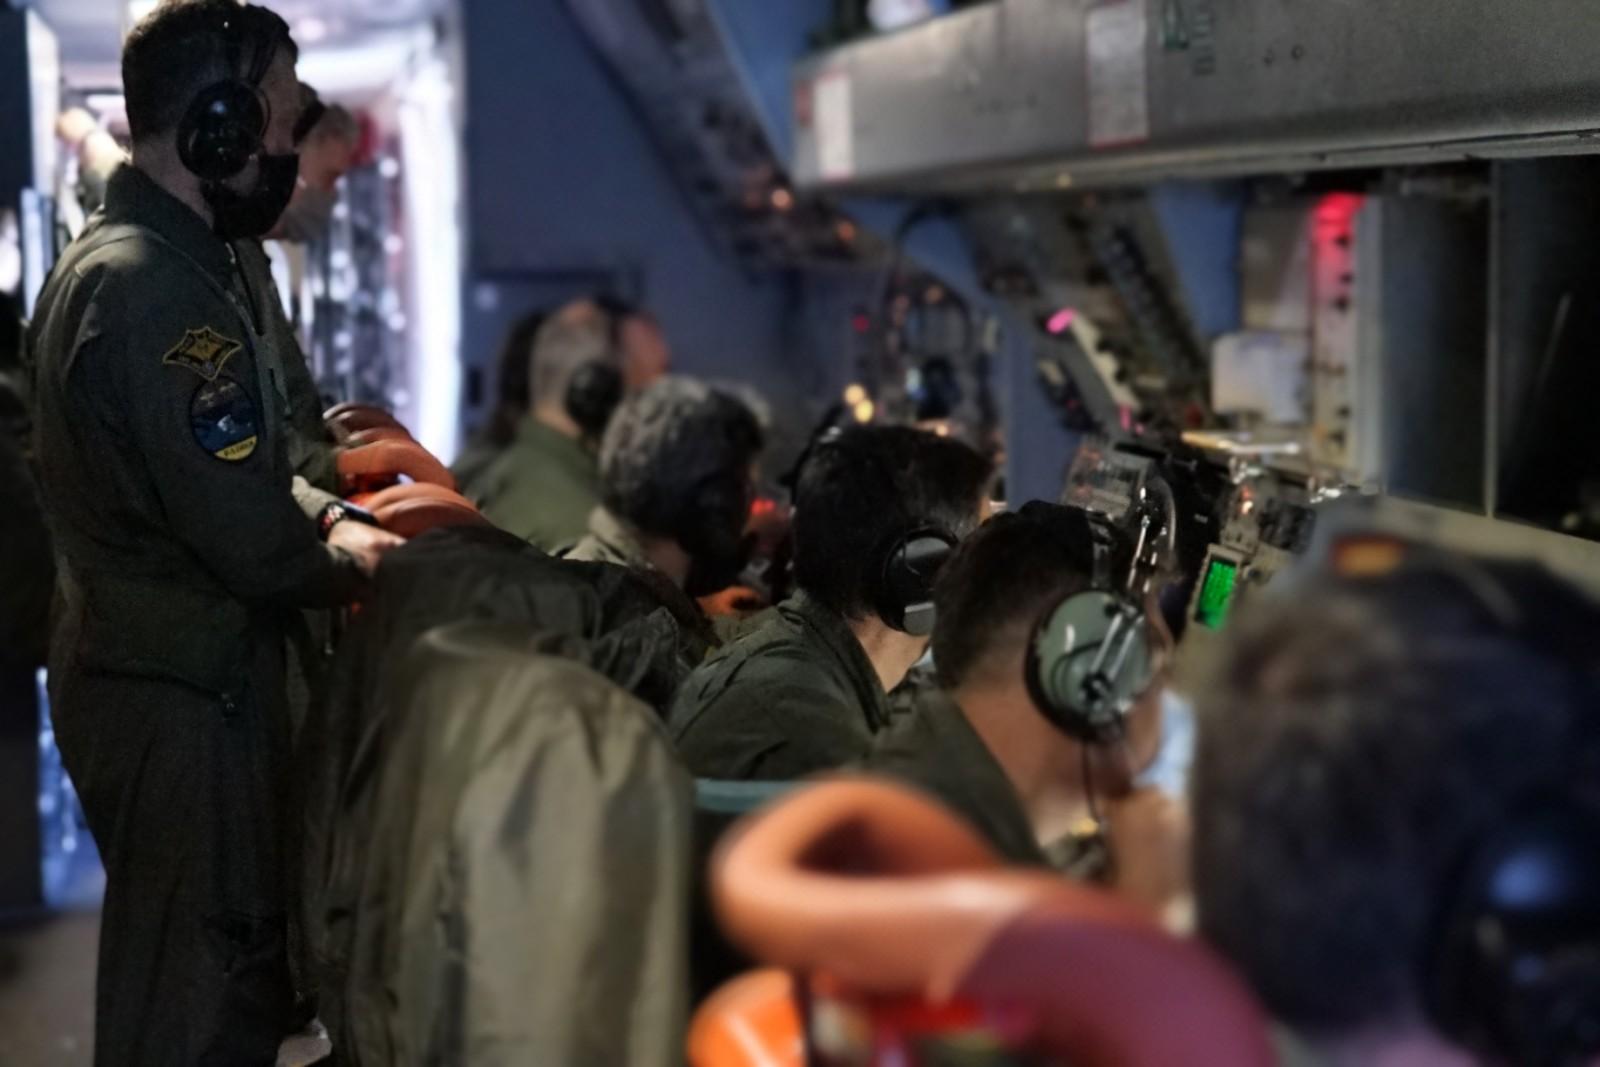 Πολεμικό Ναυτικό: Τι ανακοίνωσε ο Παναγιωτόπουλος για την πρόσληψη προσωπικού